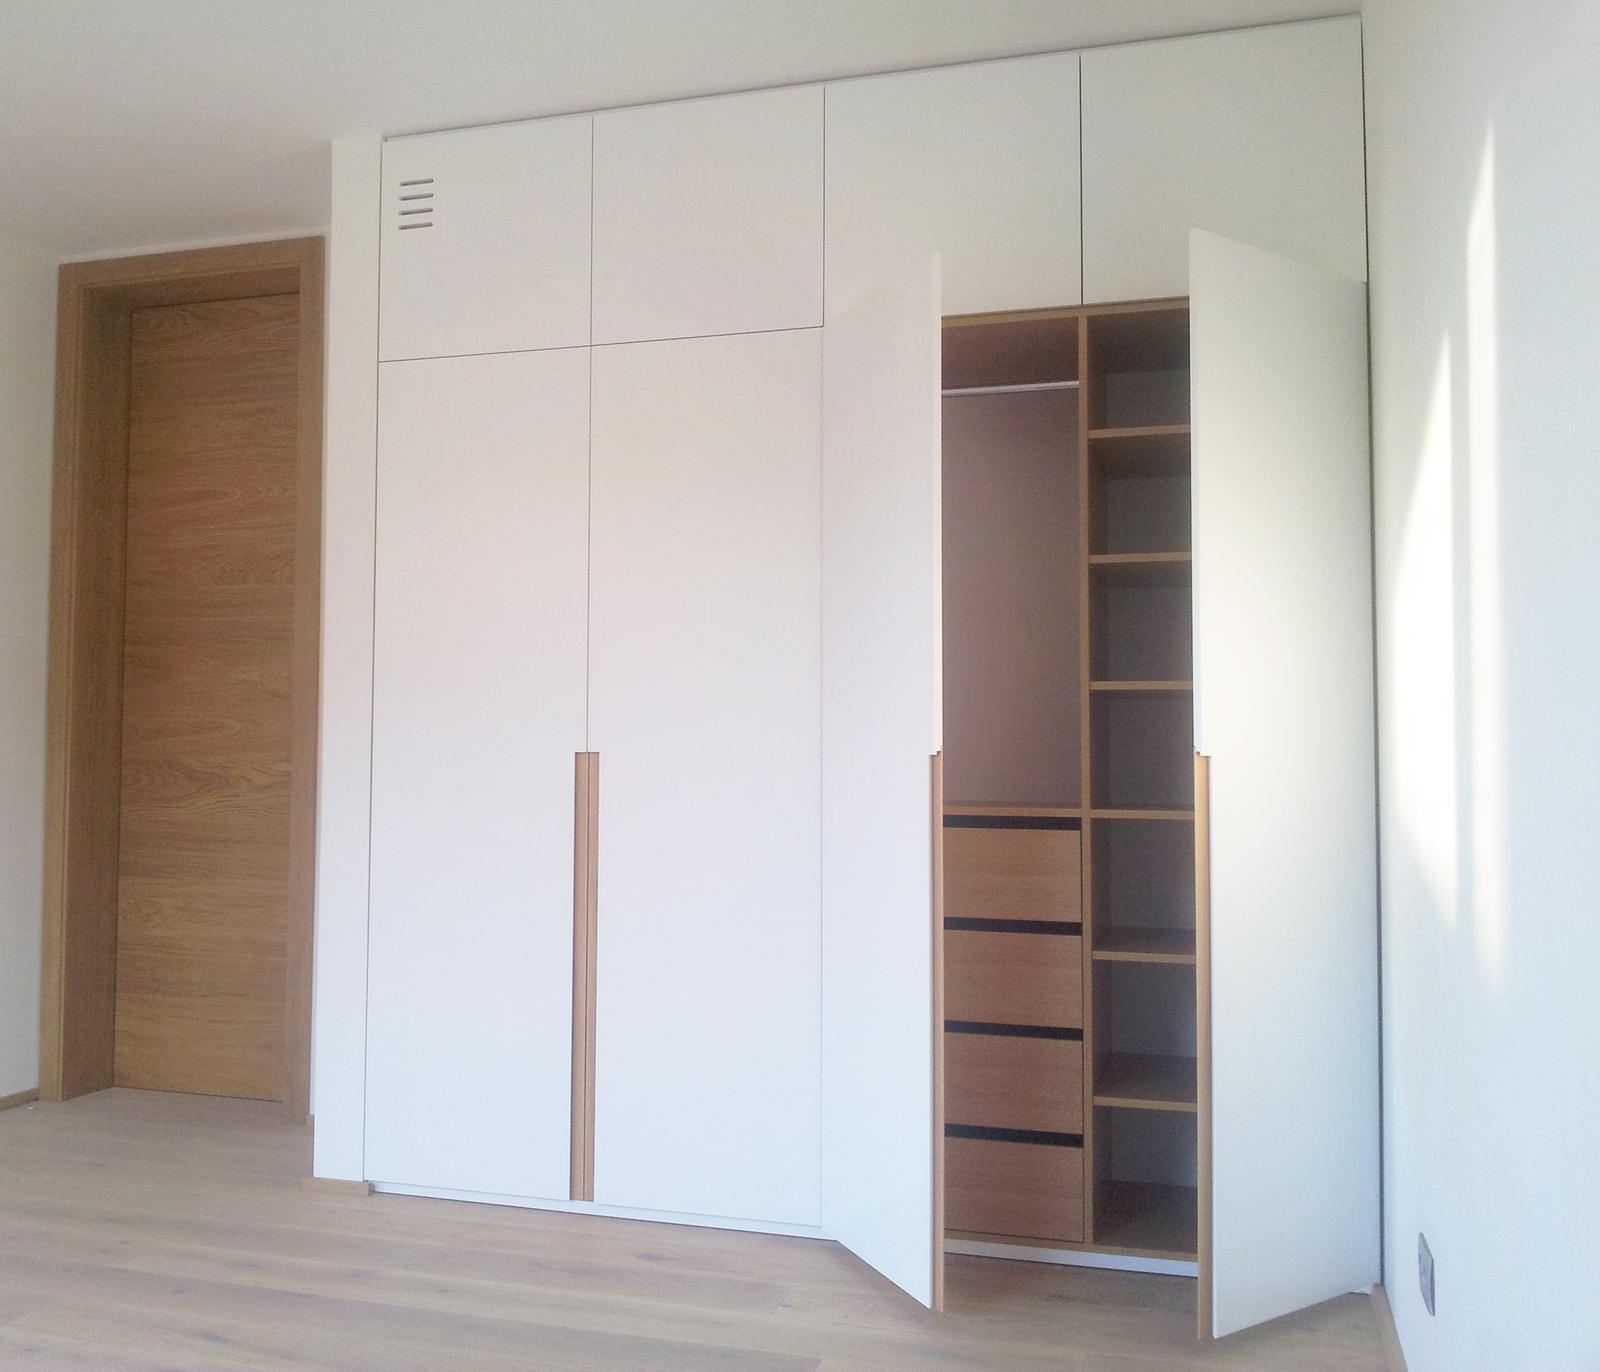 Dizajn a výroba nábytku na mieru Cubica - Vstavaný šatník s krídlovými dverami - mdf striekaná polomatná + dub prírodný - výroba cubica